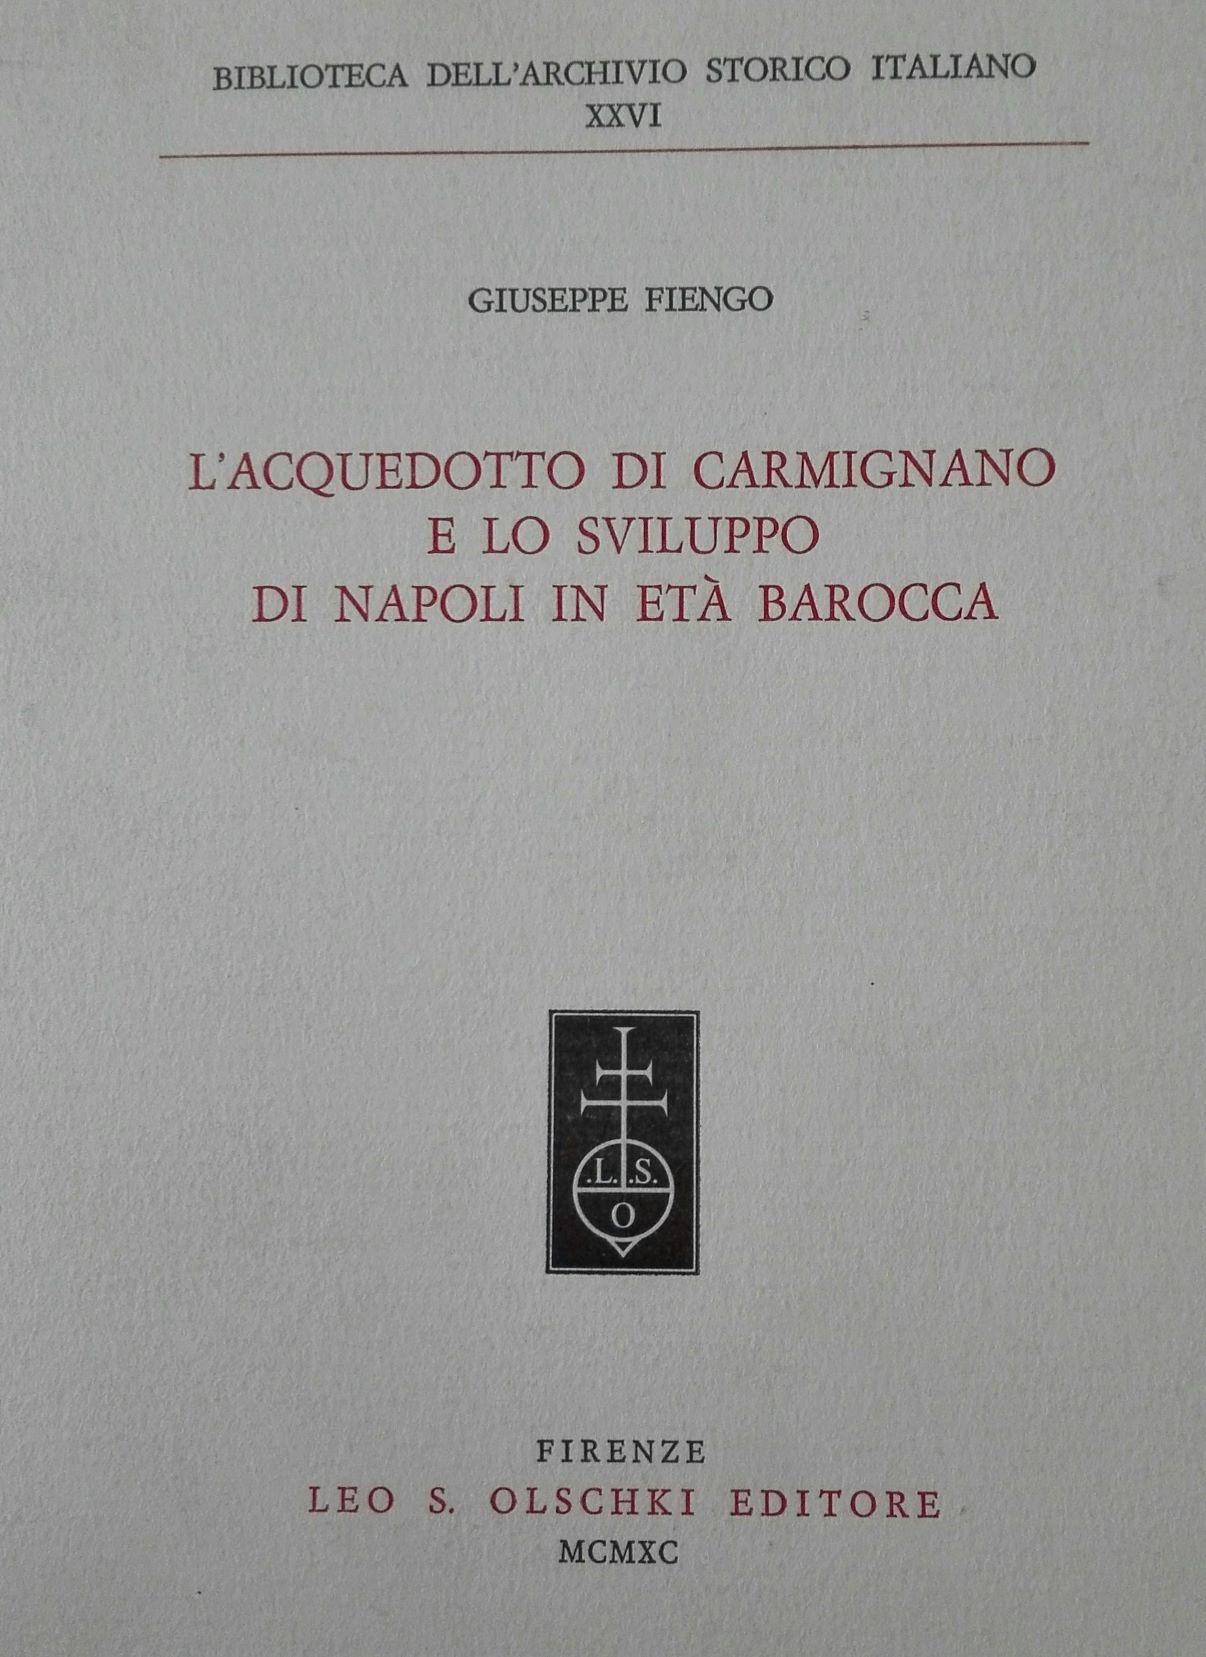 L'acquedotto di Carmignano e lo sviluppo di Napoli in età barocca